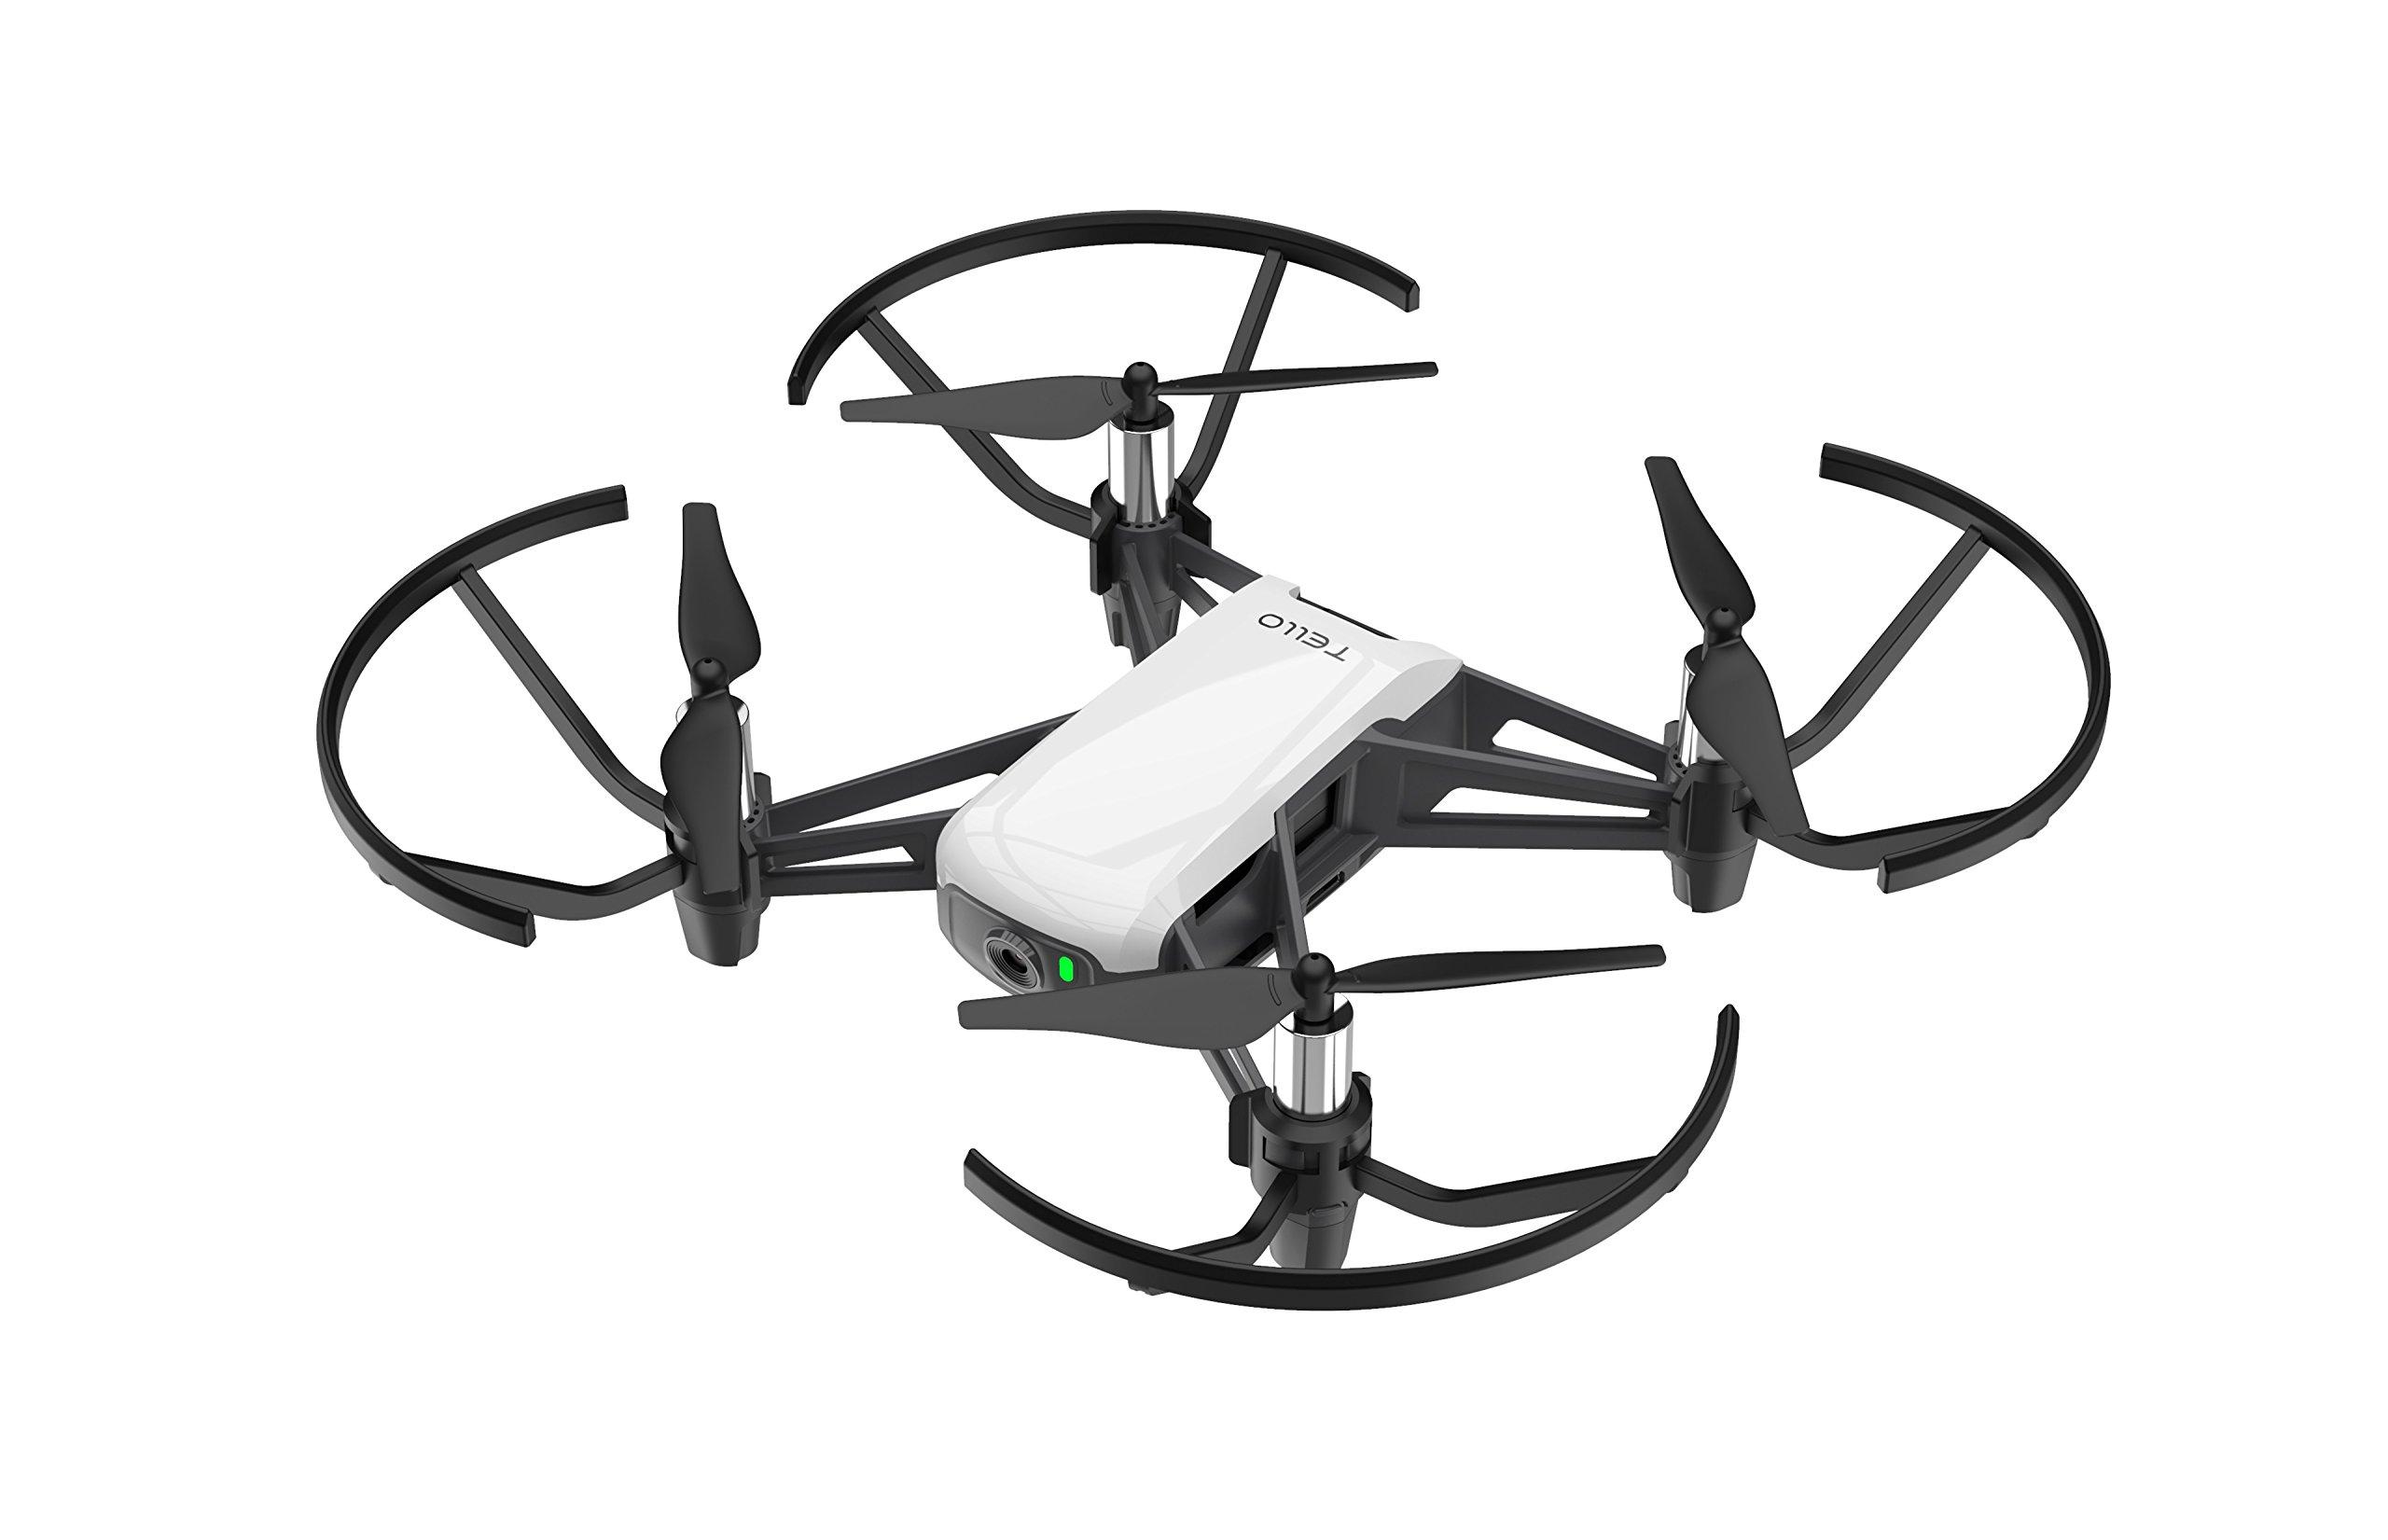 Immagine di Dji Ryze Tello Mini Drone Ottimo per Creare Video con Ez Shots, Occhiali Vr e Compatibilità con Controller di Gioco, Trasmissione HD a 720P e Raggio di 100 Metri, 5 MP, Edizione S - B078XV32CJ